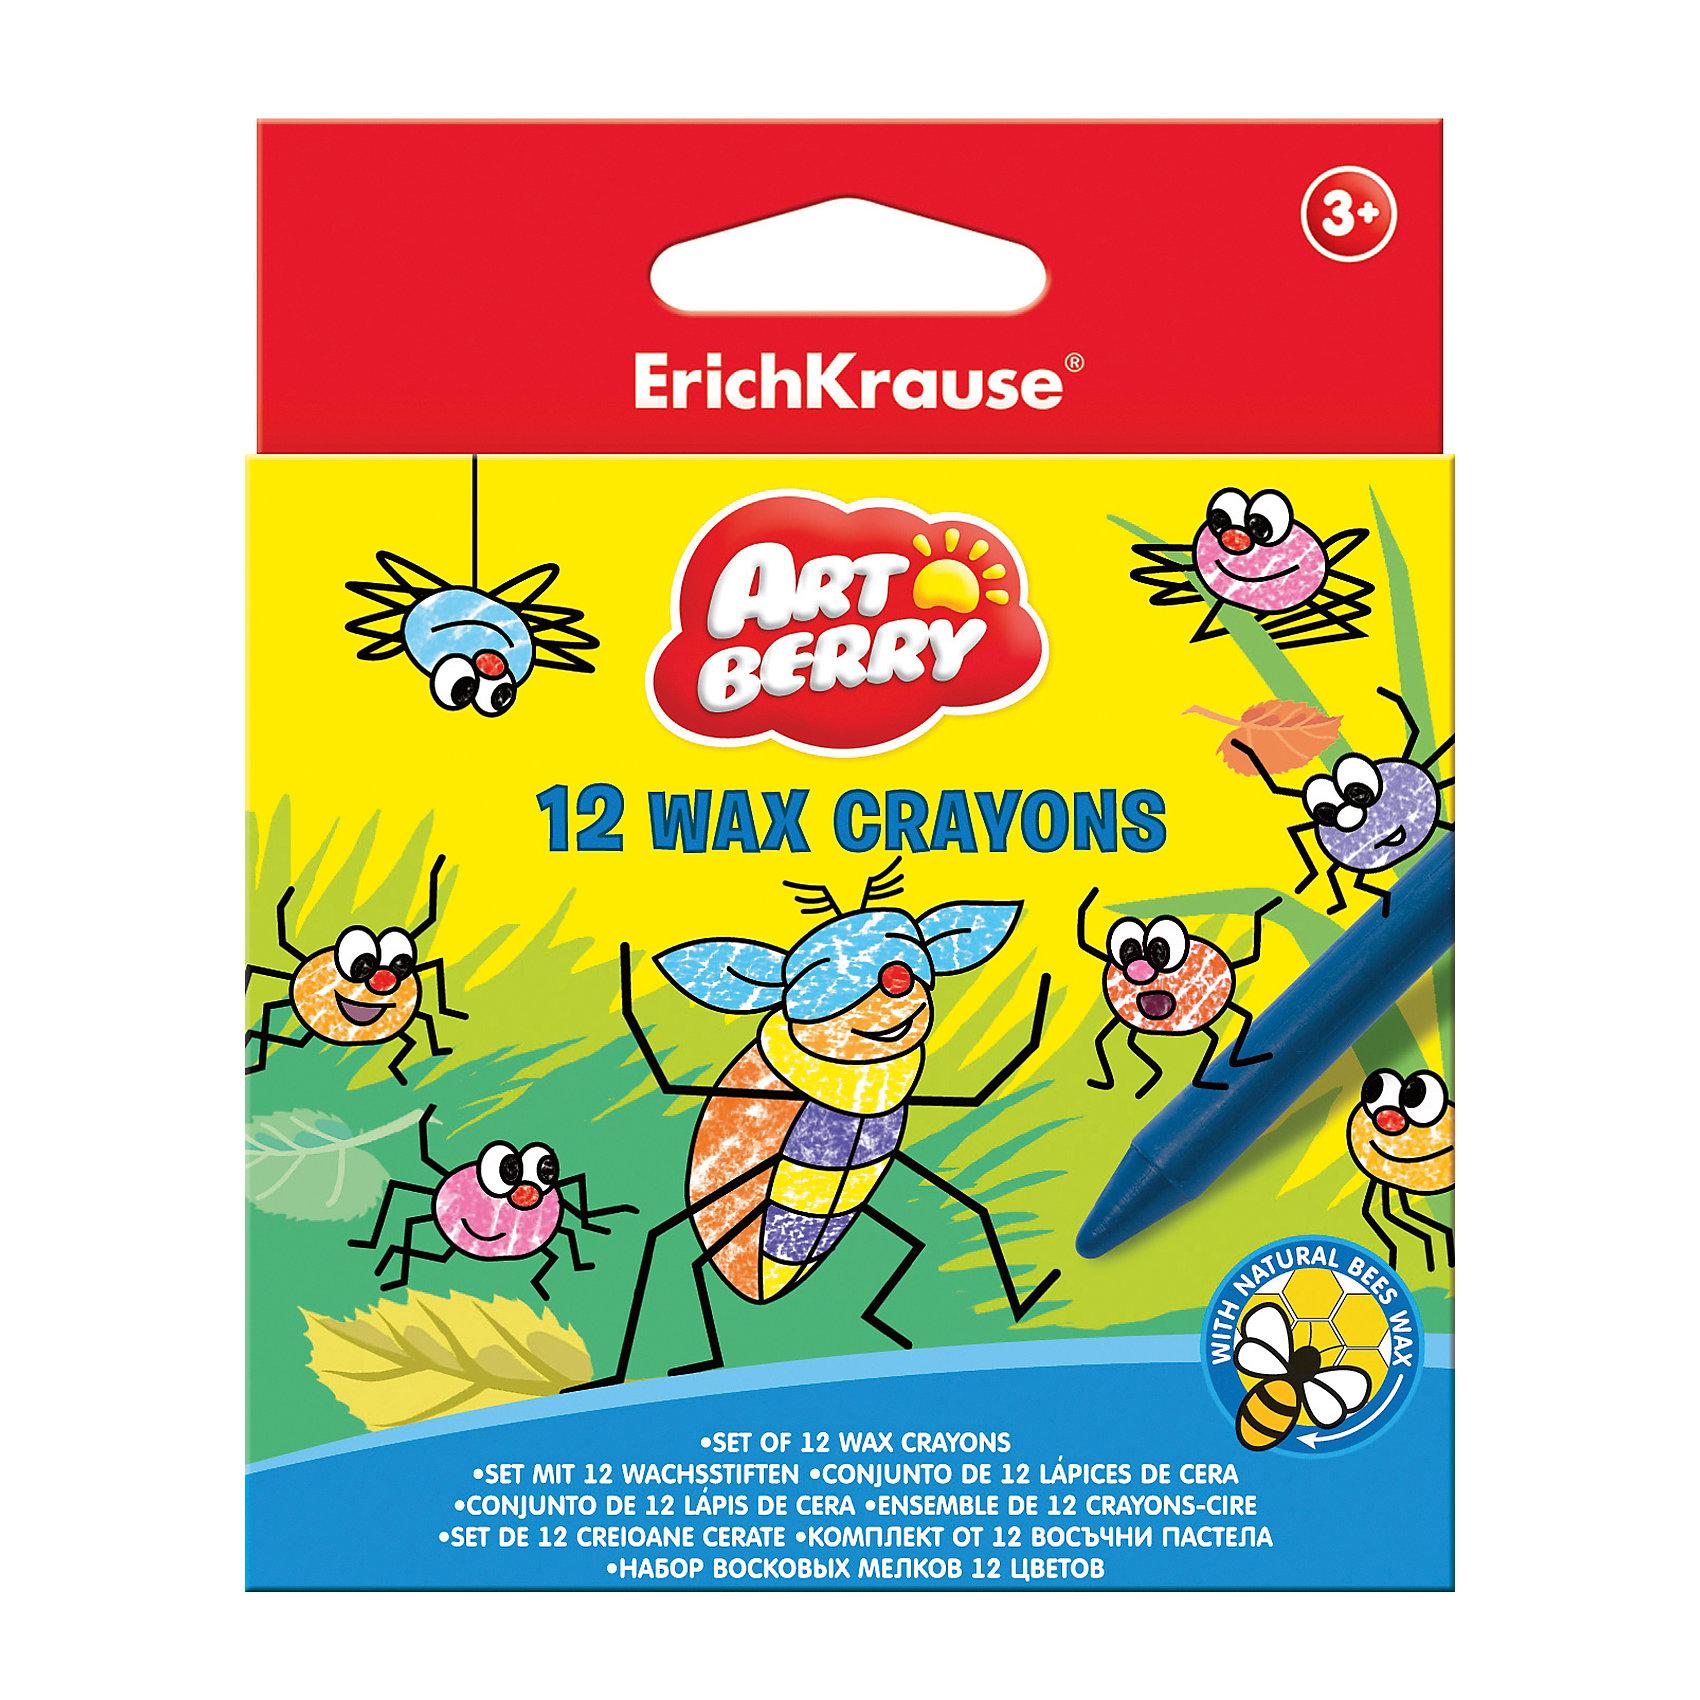 Восковые мелки ArtBerry, 12 цветовМасляные и восковые мелки<br>Восковые мелки ArtBerry, 12 цветов<br><br>Характеристики:<br><br>• В набор входит: восемь мелков<br>• Размер упаковки: 12 * 1 * 6,5 см.<br>• Диаметр: 0,7 см.<br>• Длина: 9 см.<br>• Вес: 50 г.<br>• Для детей в возрасте: от 3-х лет<br>• Страна производитель: Китай<br><br>Восемь ярких цветных карандашей, изготовленных из пчелиного воска с добавлением пищевых красителей безопасны для детей и не требуют сильного нажима, чтобы ими можно было рисовать. Мелки не оставляют следов на руках, но каждый их мелков обернут бумагой. Чтобы затачивать мелки вам нужно порисовать ими немного по бумаги и края сточатся сами, заострив носик. Рисуя мелками детям особенно нравится, что рисовать можно и боковыми частями мелка, а не только грифелем как в карандаше или фломастере. <br><br>Мягкие мелки при рисовании не оставляют царапин и станут идеальным инструментом для первых попыток рисования. Мелки не ломаются при рисовании и доставляют только положительные эмоции при рисовании. Двенадцать стандартнх цветов набора помогут сотворить лбой шедевр и выучить названия основных цветов. Занимаясь рисованием с восковыми мелками дети развивают моторику рук, творческие способности, восприятие цветов и их сочетаний, а также весело проводят время. <br><br>Восковые мелки ArtBerry, 12 цветов можно купить в нашем интернет-магазине.<br><br>Ширина мм: 98<br>Глубина мм: 120<br>Высота мм: 10<br>Вес г: 74<br>Возраст от месяцев: 60<br>Возраст до месяцев: 216<br>Пол: Унисекс<br>Возраст: Детский<br>SKU: 3293906